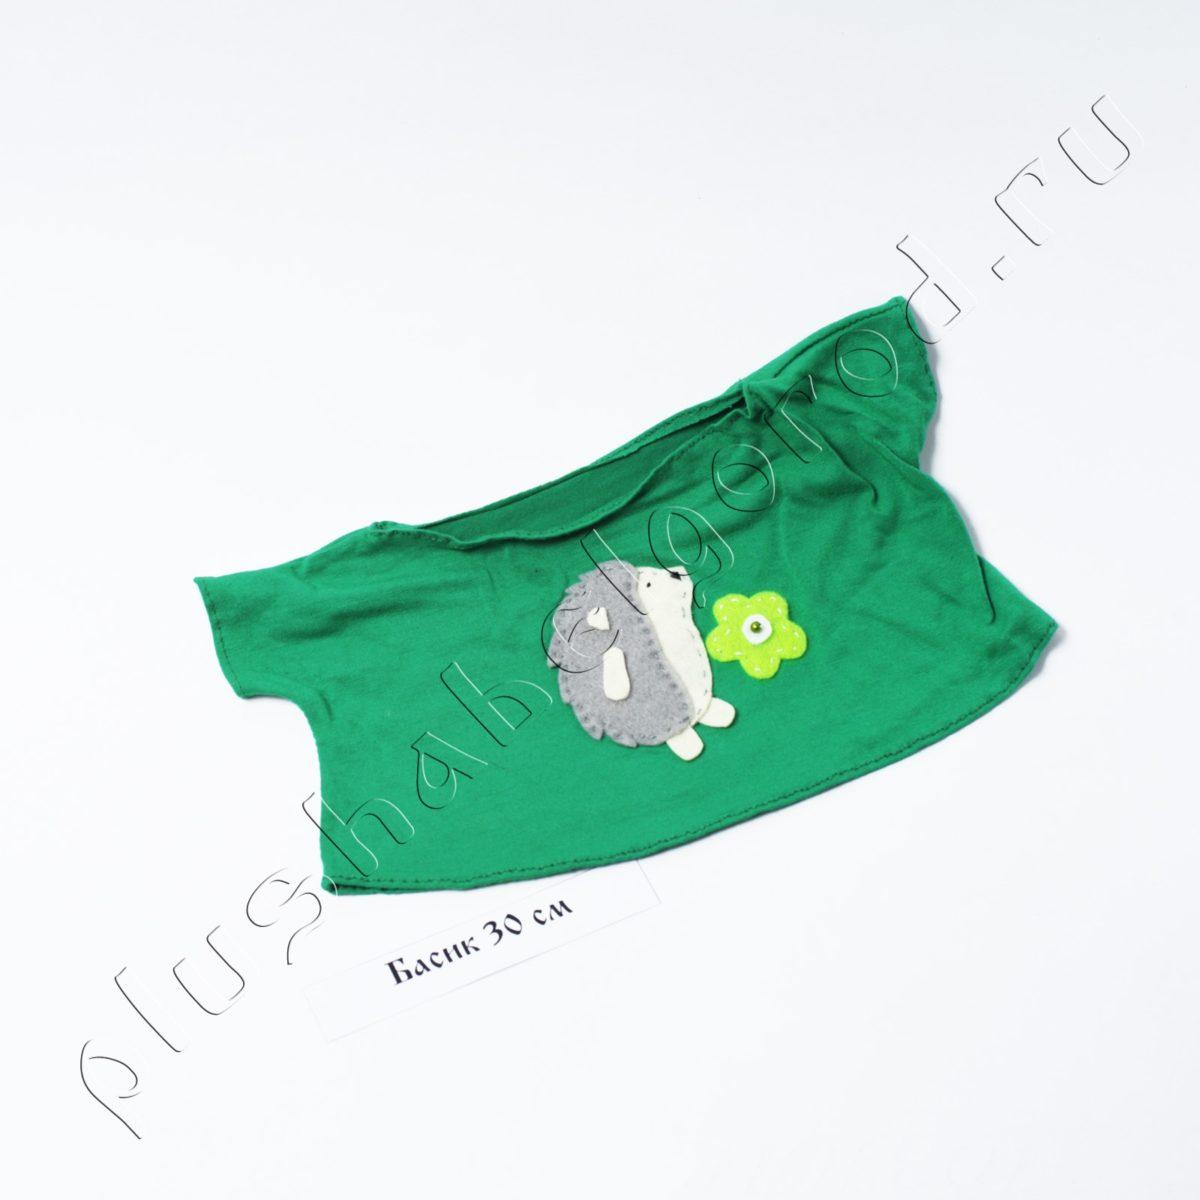 Футболка зелёная с ёжиком